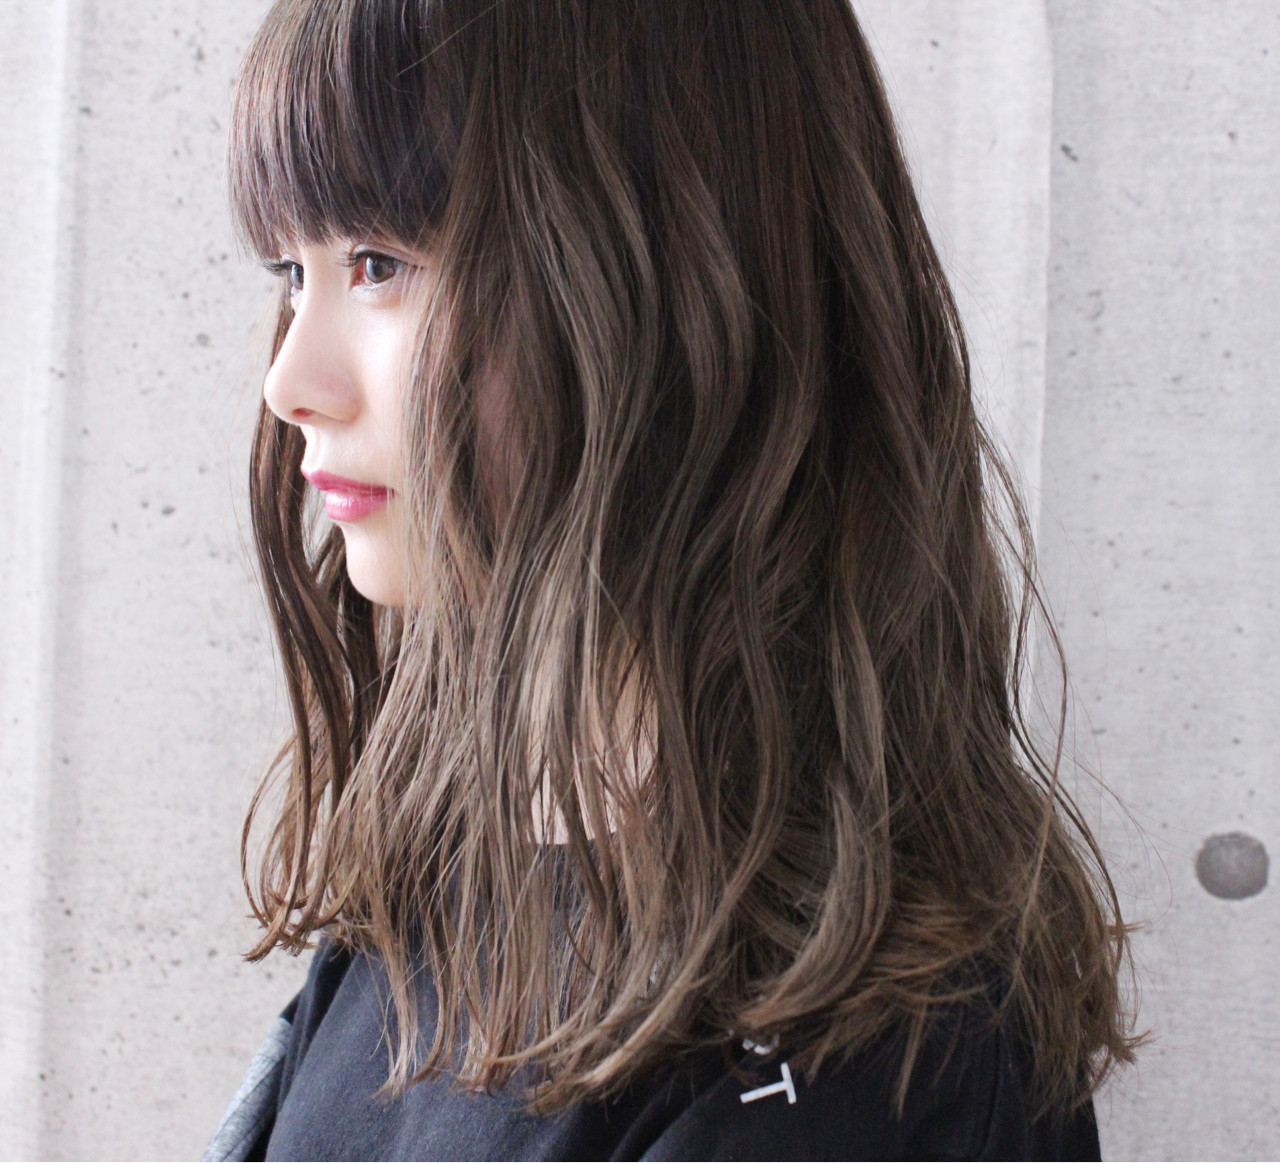 【ロング】重め前髪が◎なふんわりスタイル 上田智久 福岡 天神